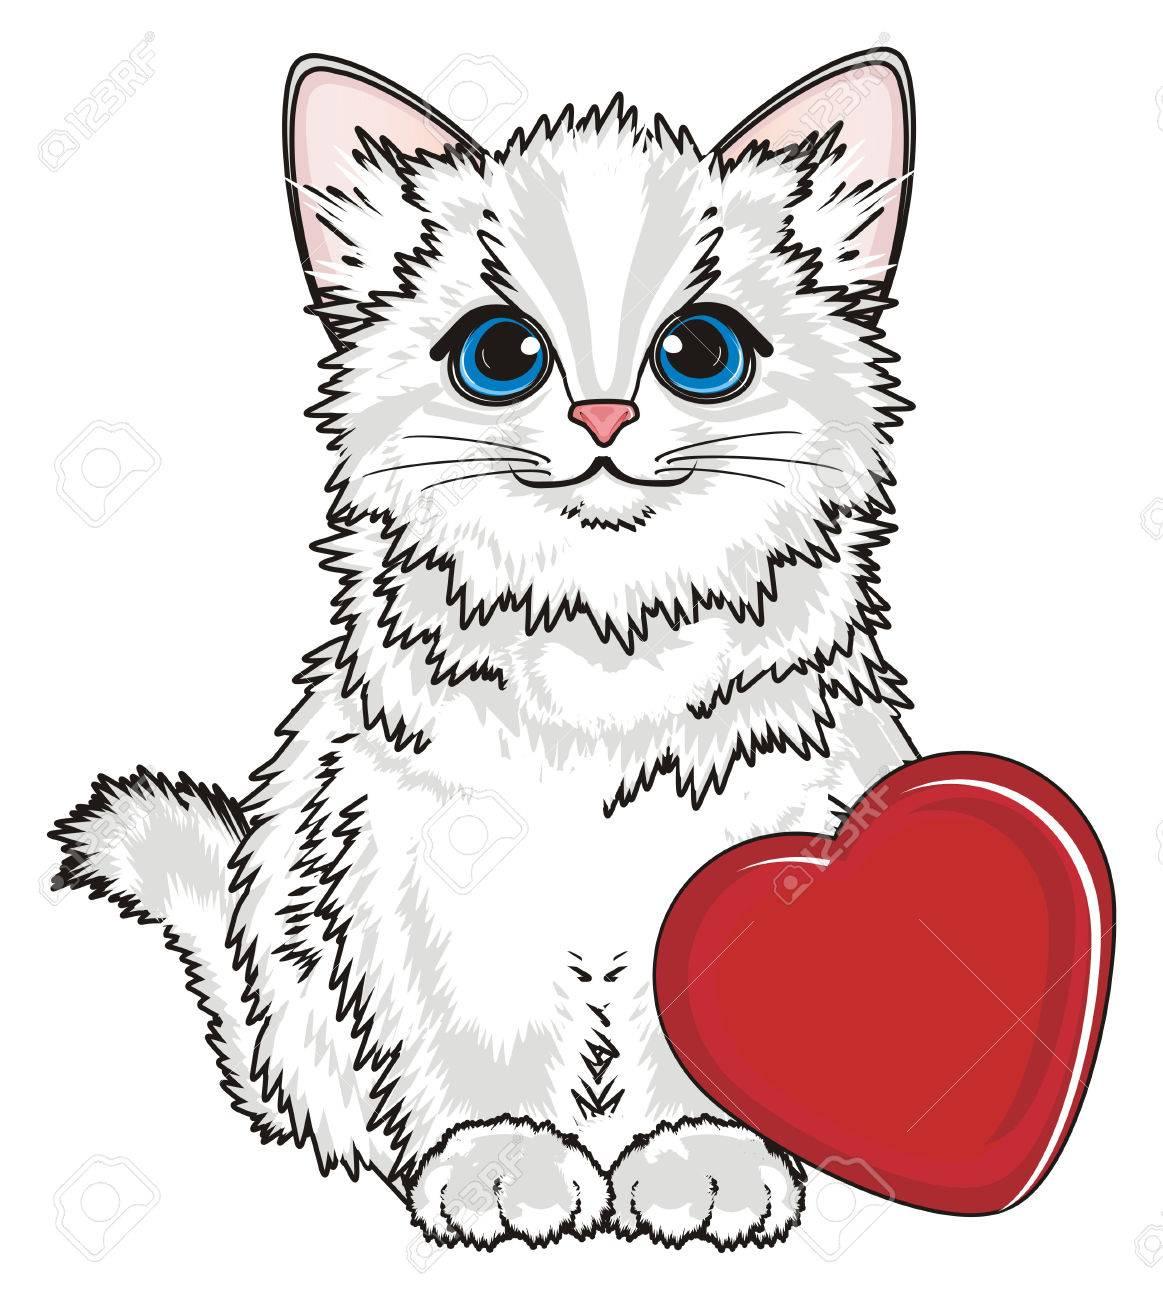 El Gato Blanco Se Sienta Con El Corazón Rojo Grande Fotos, Retratos ...